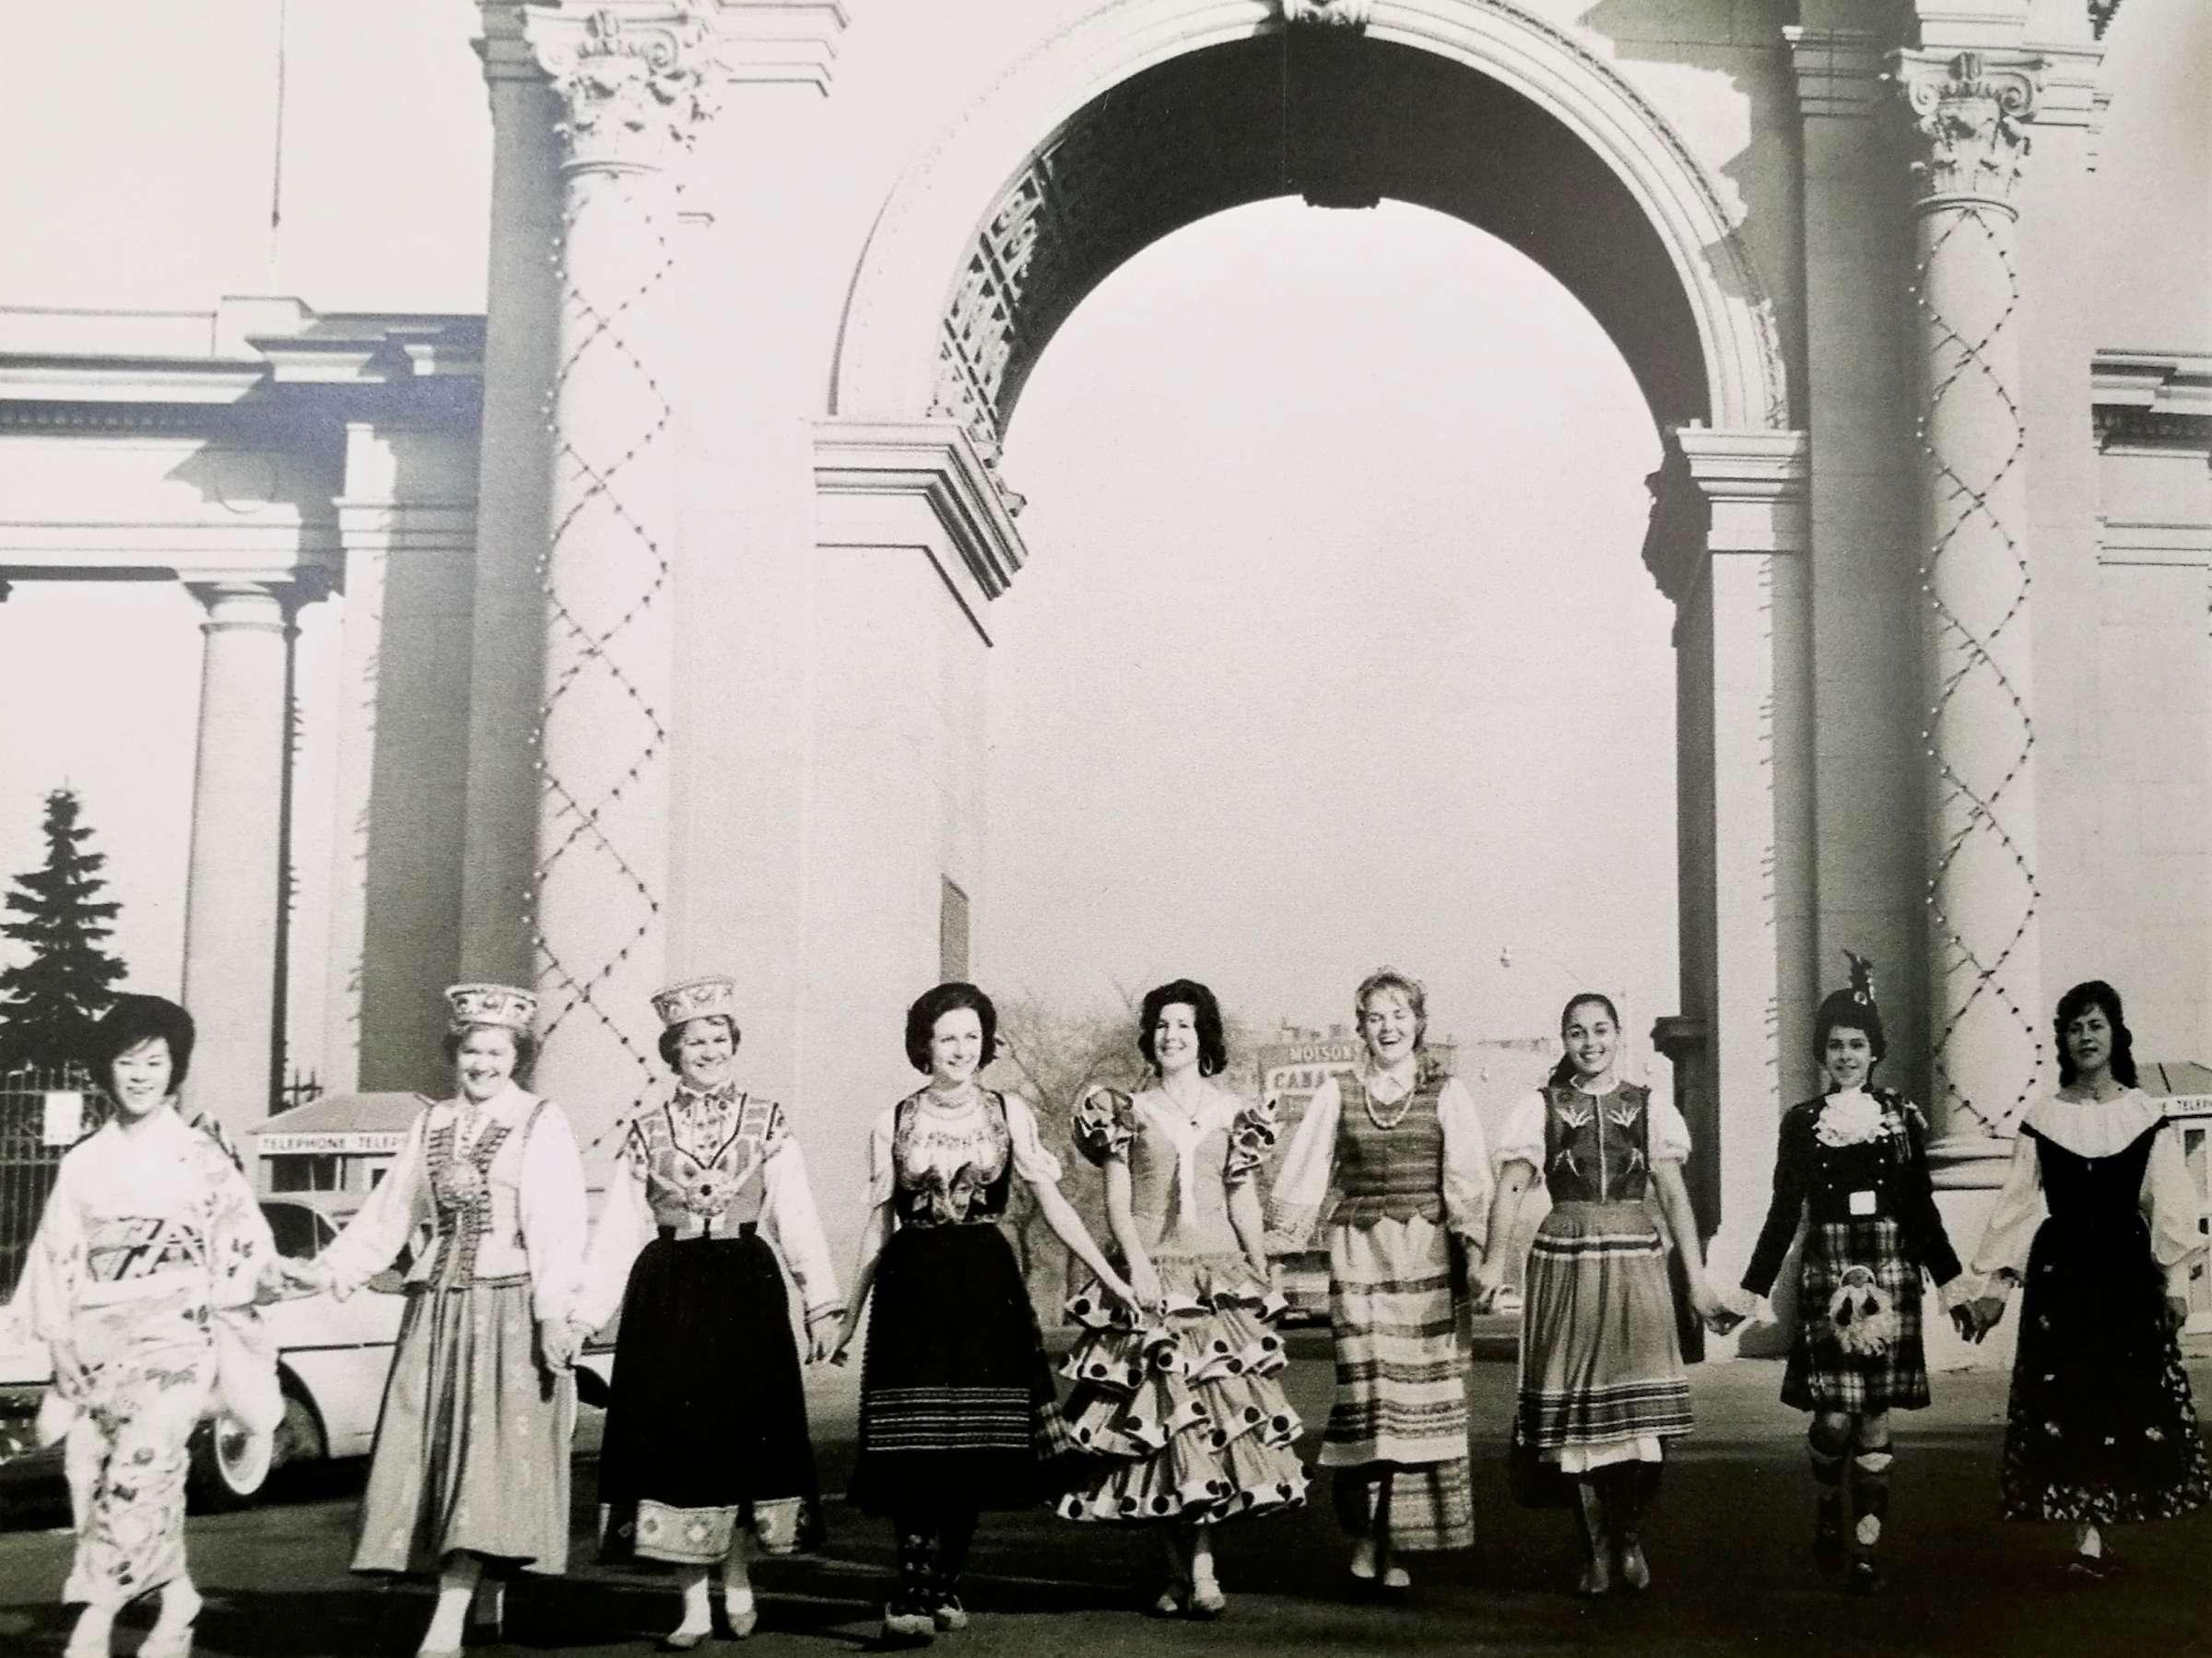 Daugiakultūrinė šventė Toronte 1962 m.   Rengėjų nuotr.